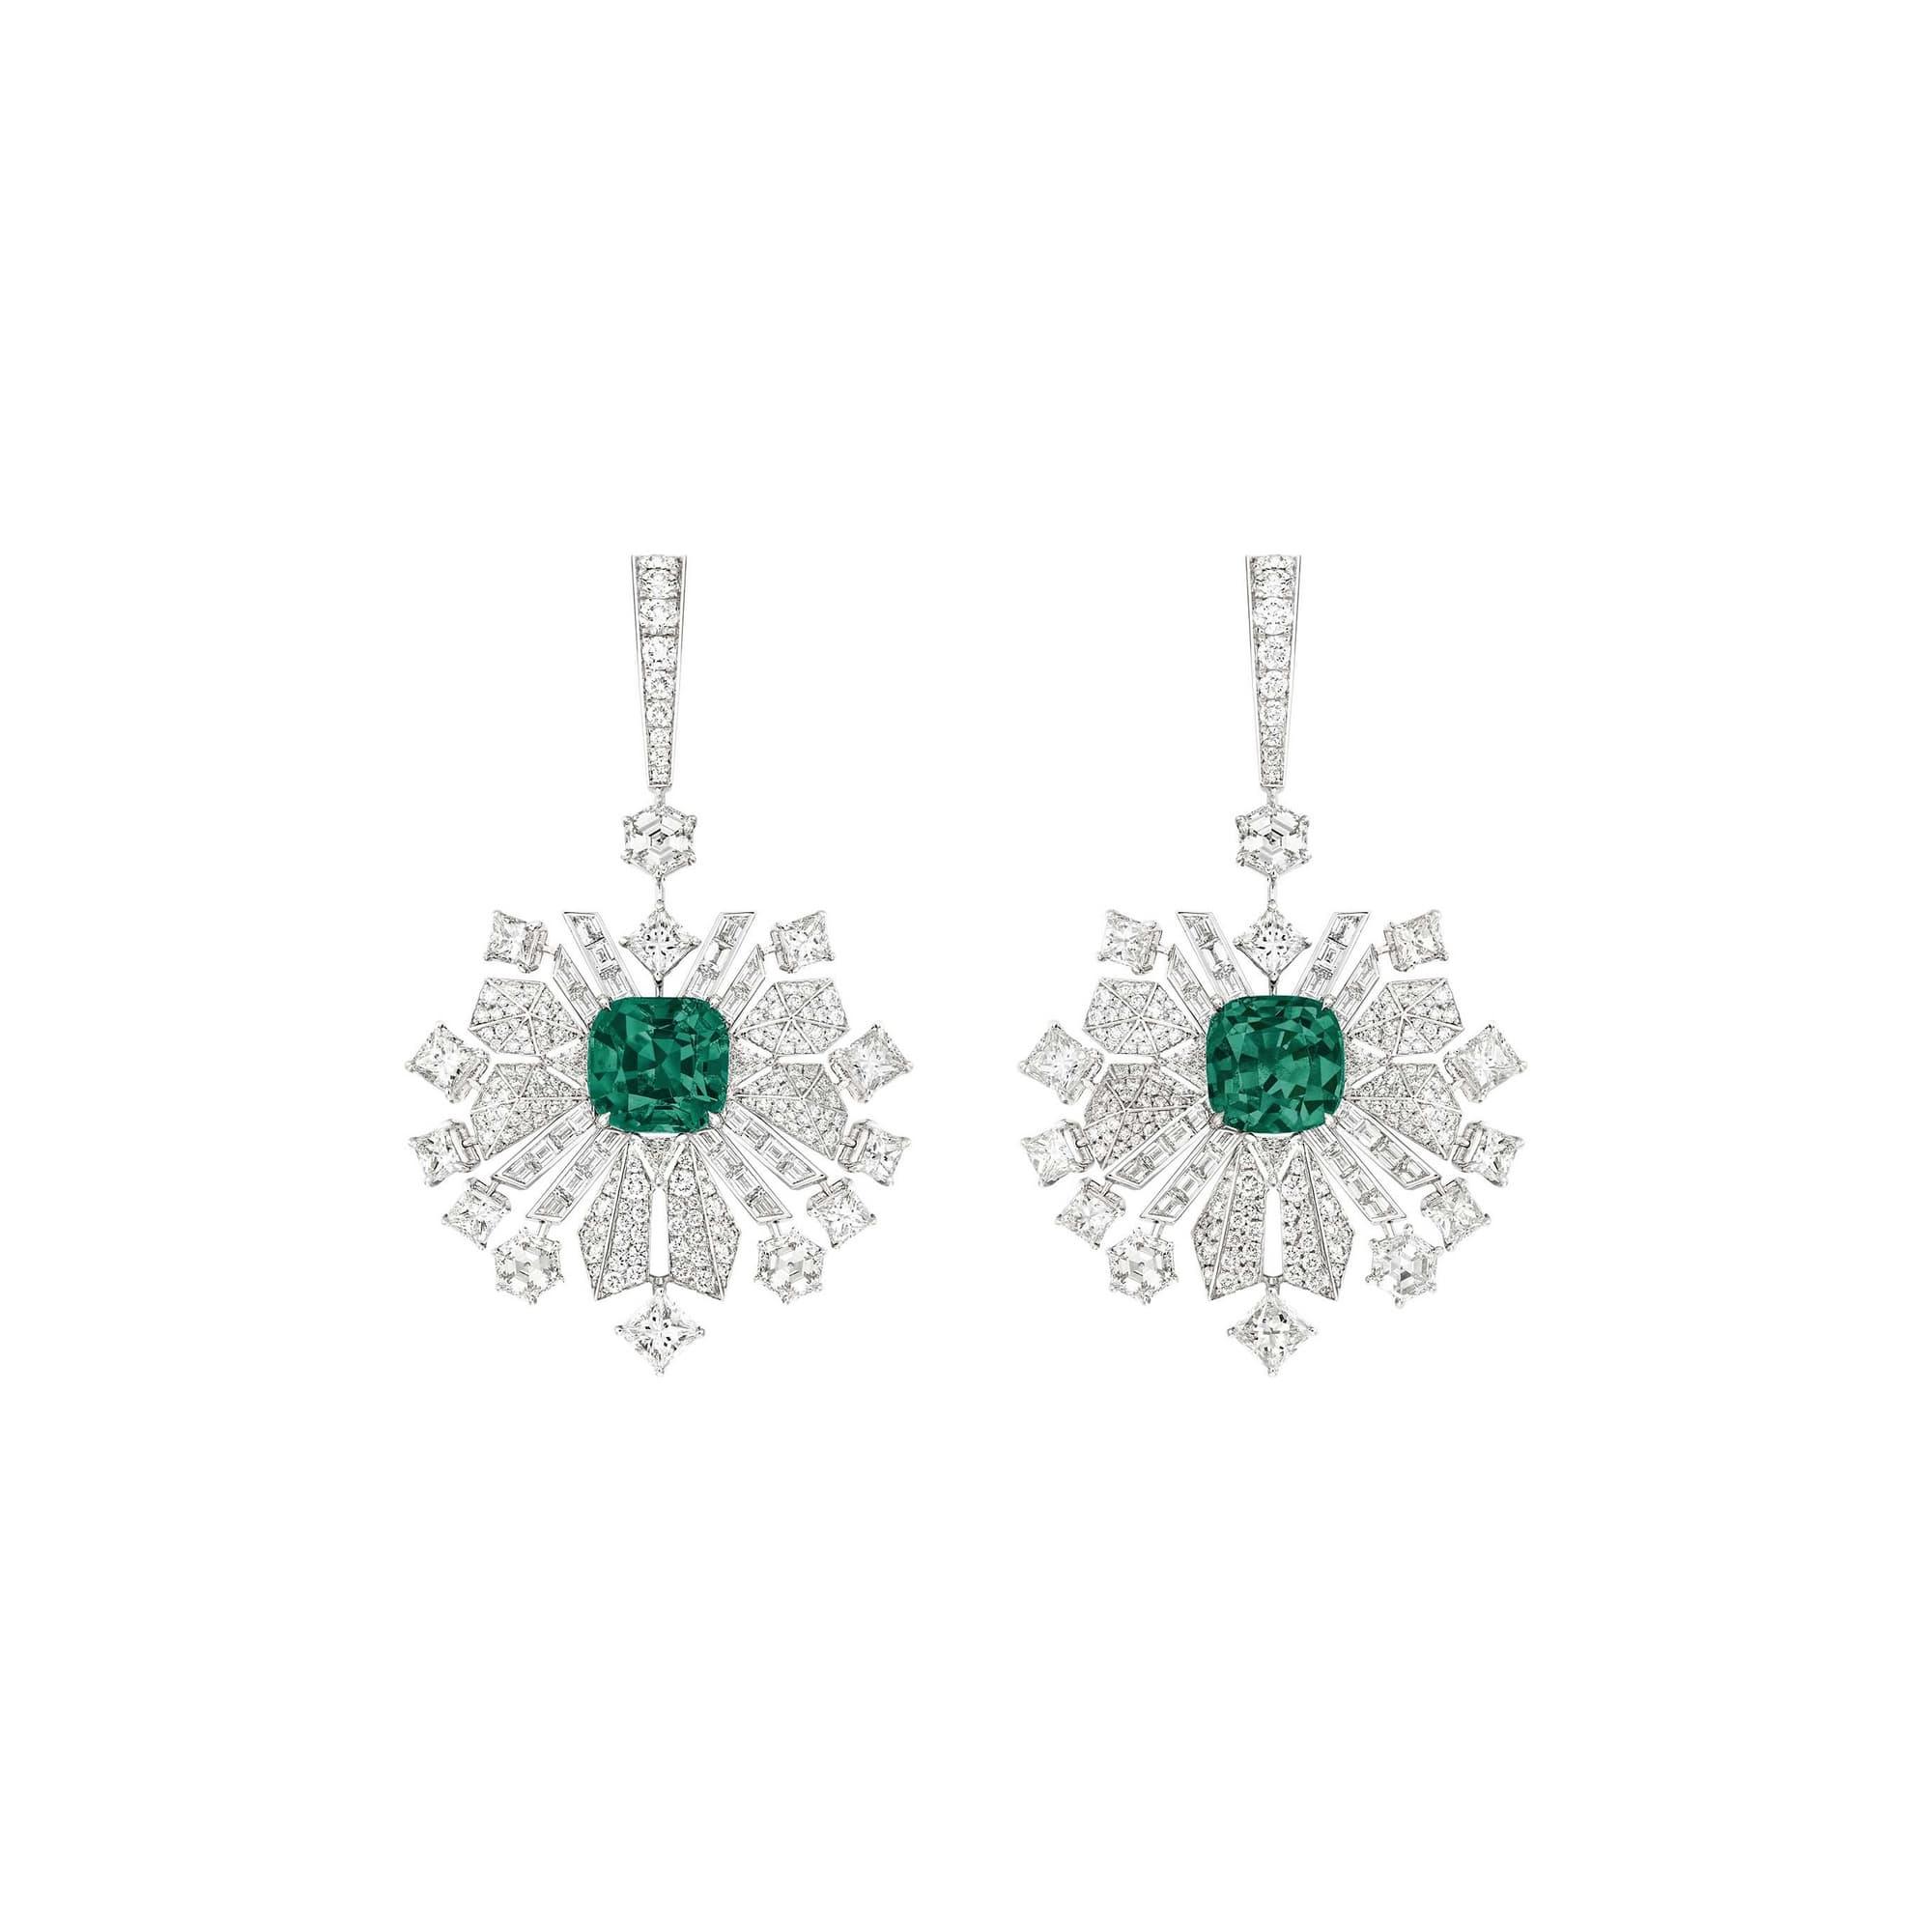 boucles d'oreilles en diamants haute joaillerie piaget